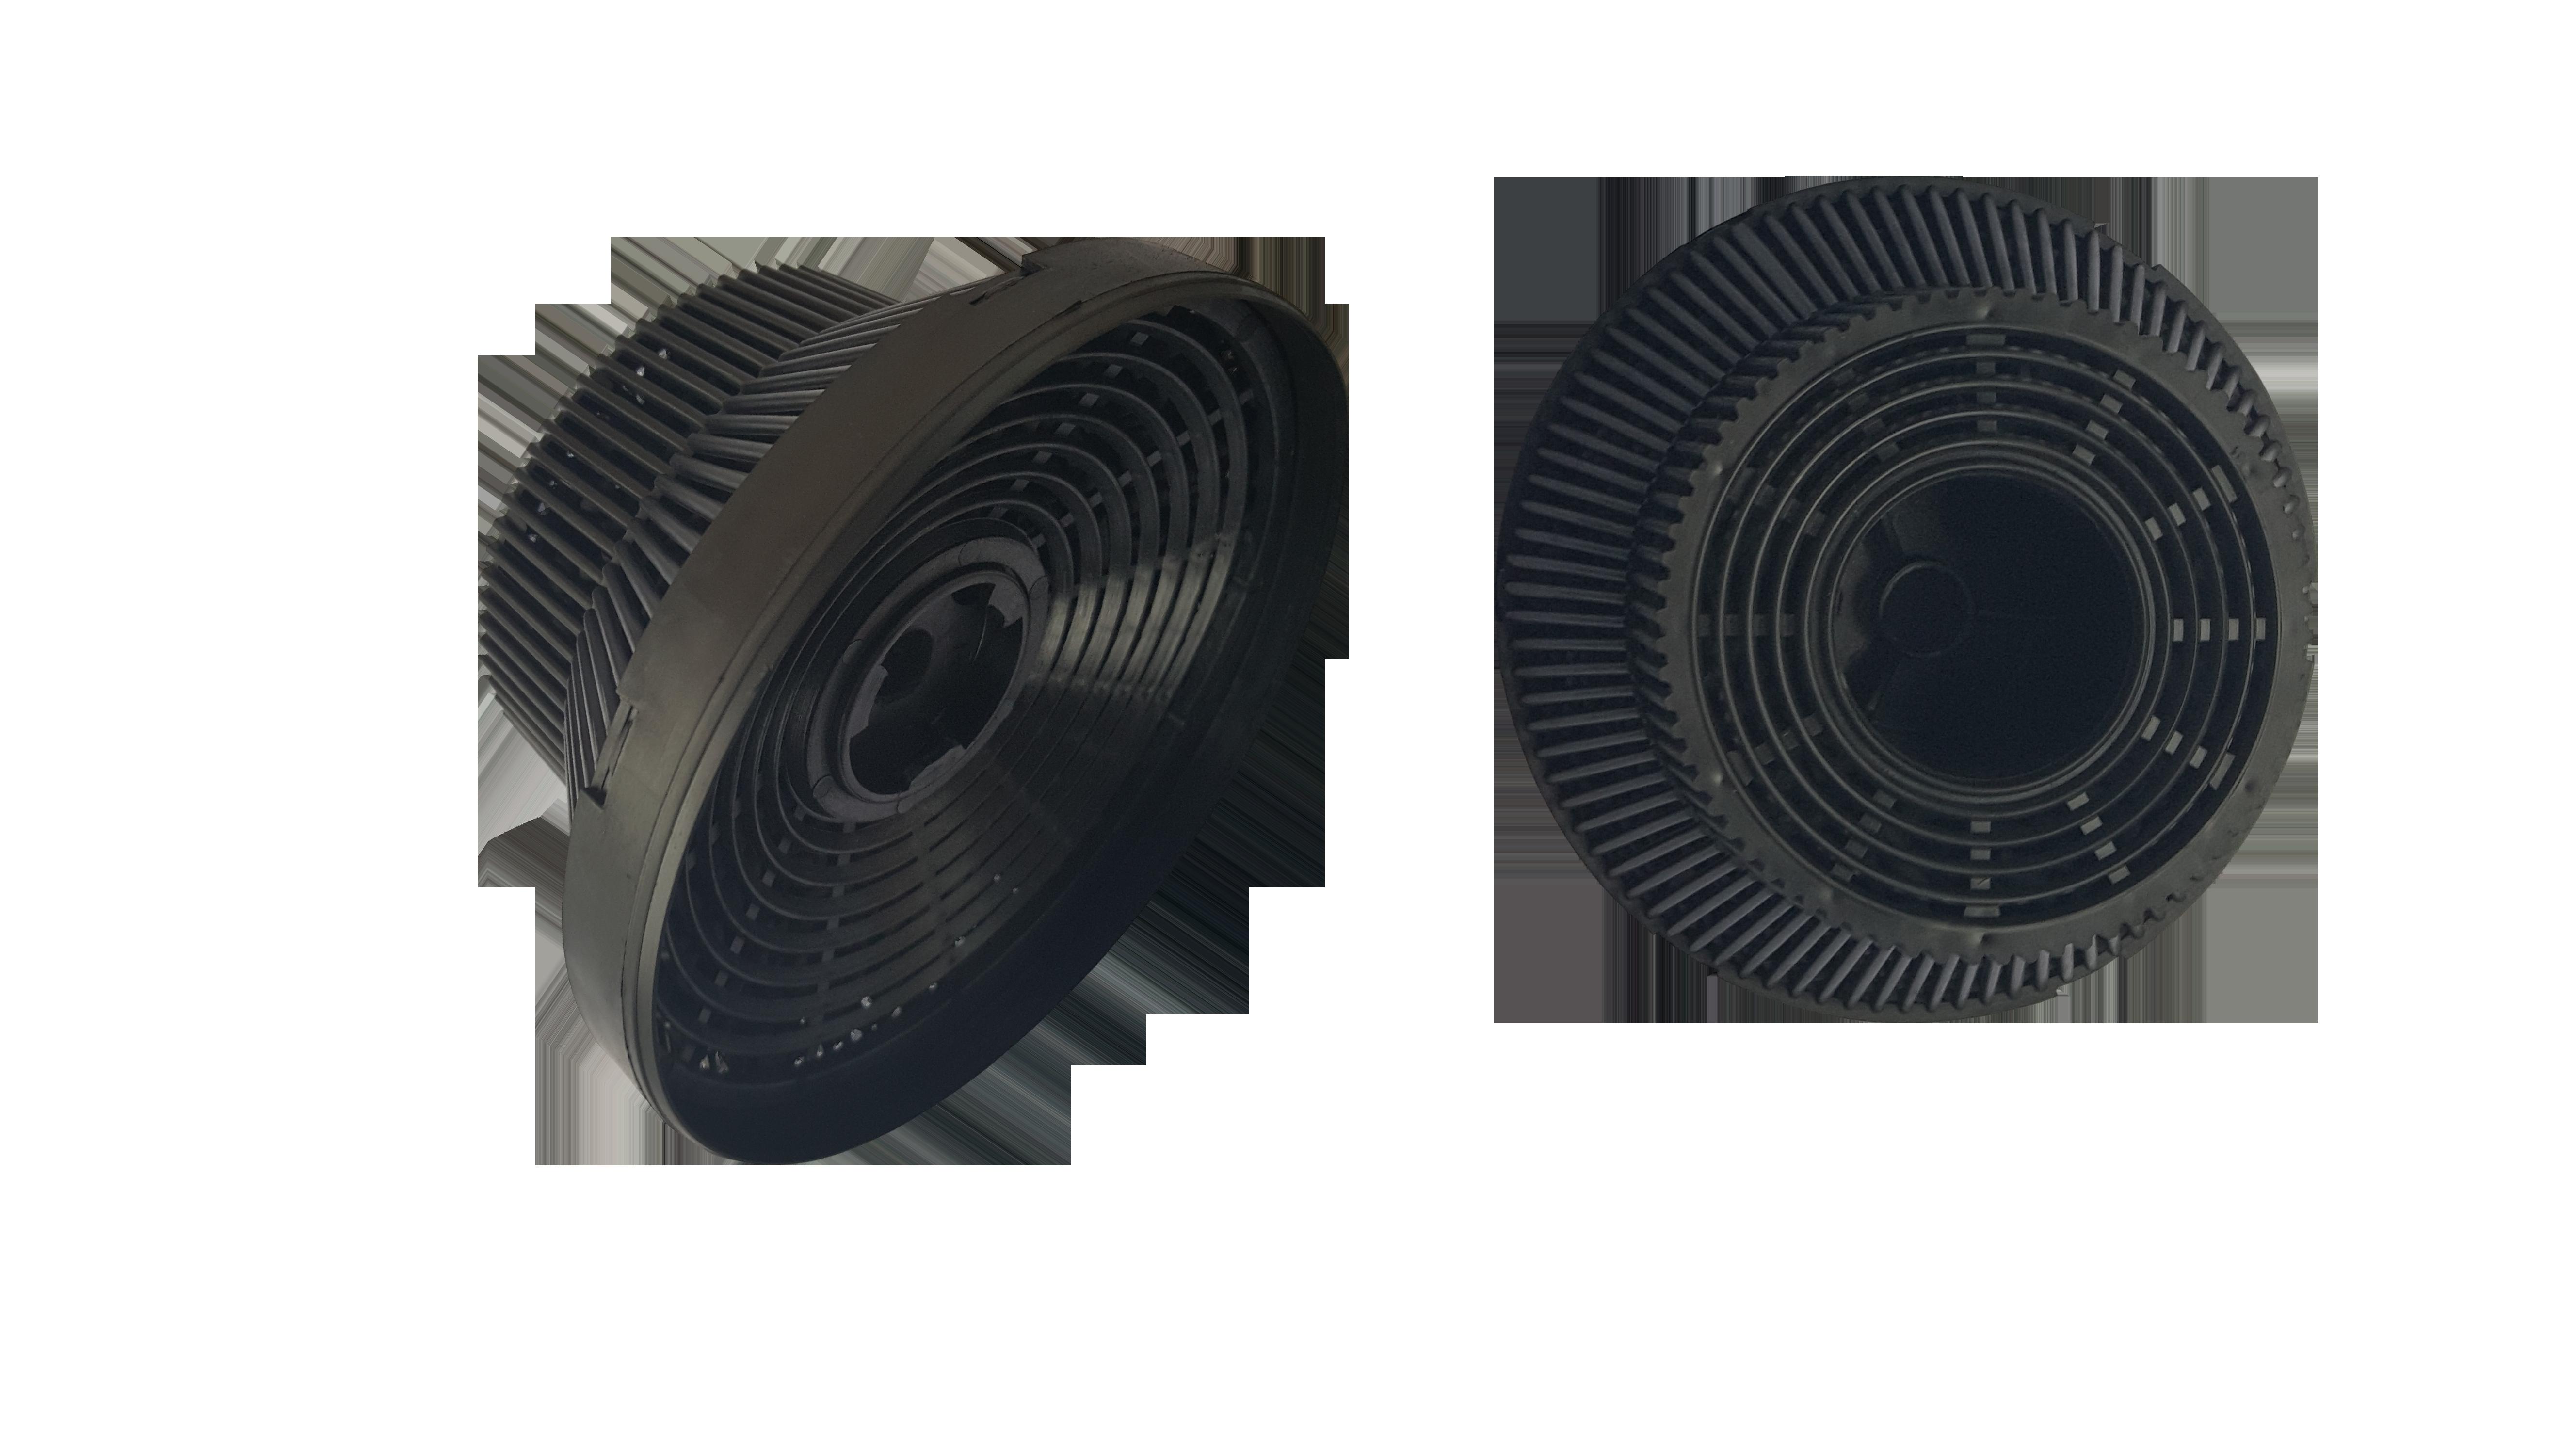 Siemens dunstabzugshaube filter einbauen siemens lc bbm